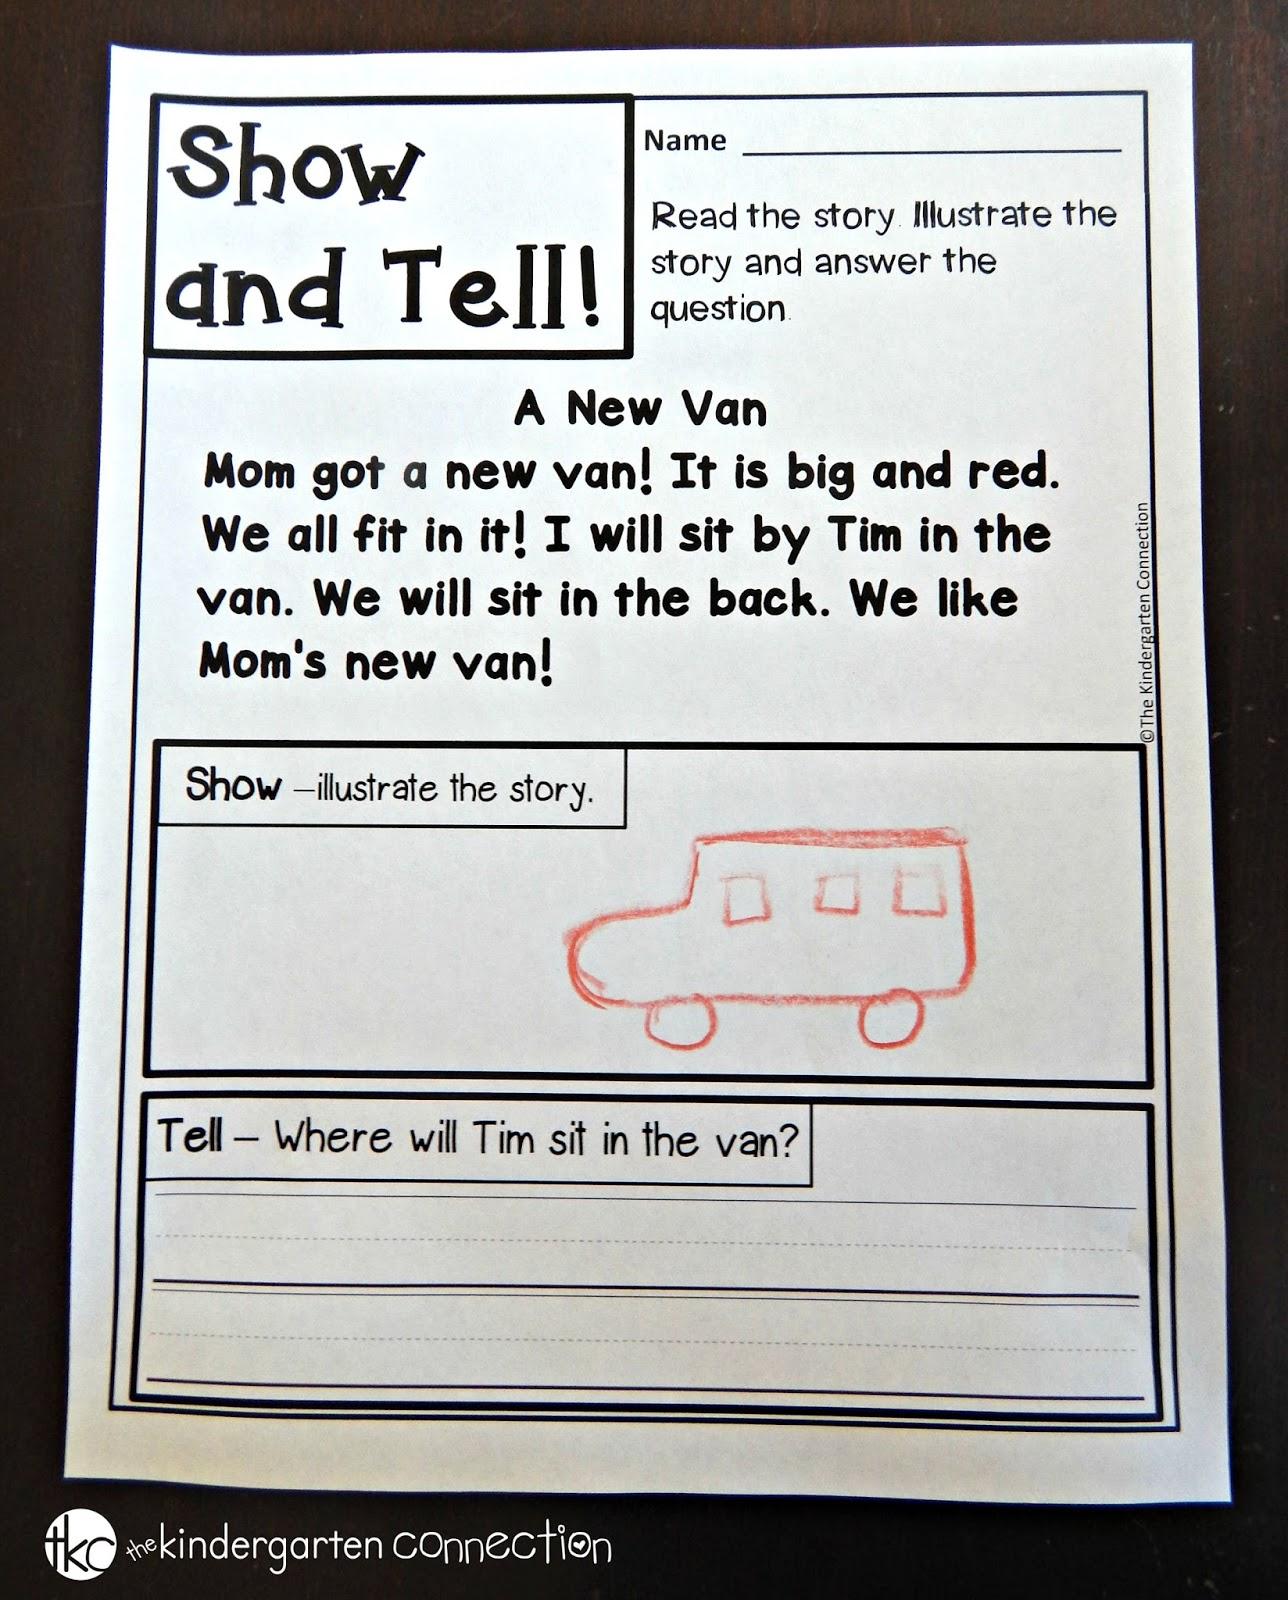 I Teach Kinder Kindergarten Teaching Resources Stories